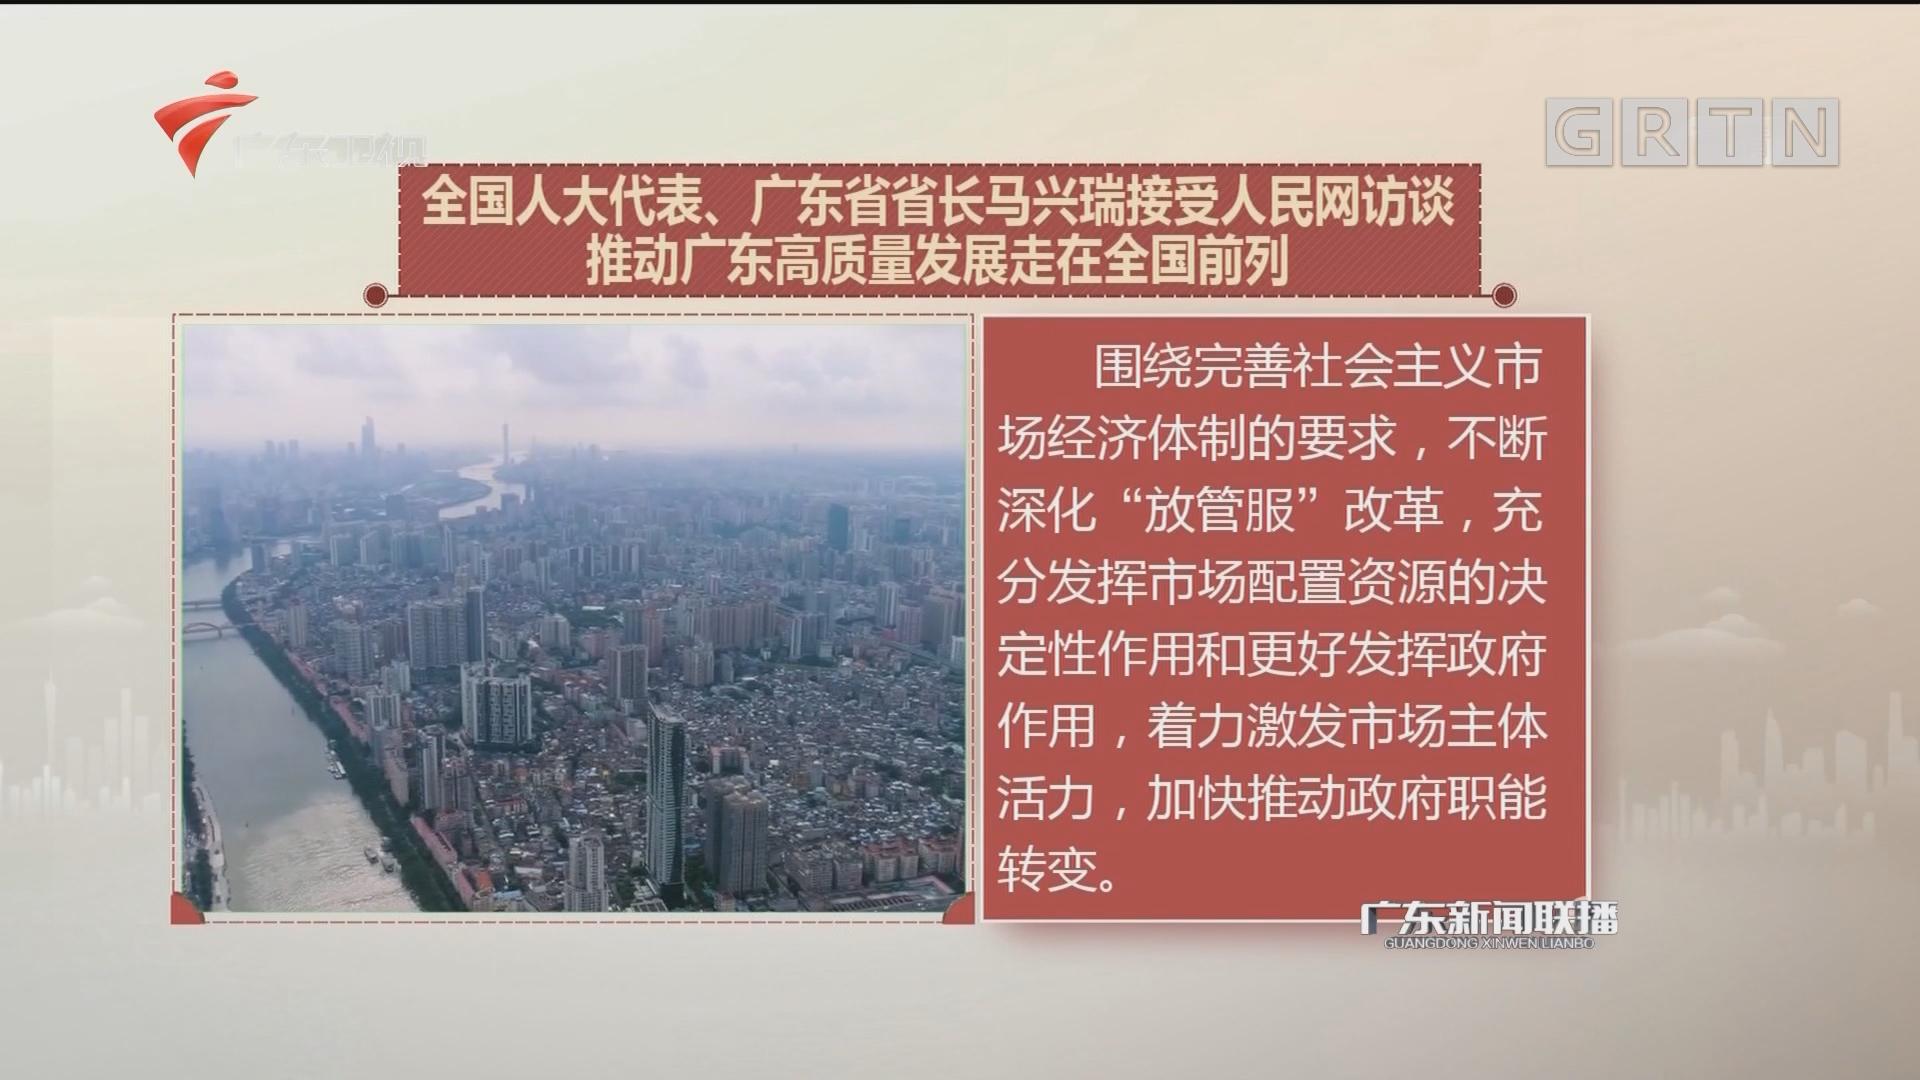 全国人大代表、广东省省长马兴瑞接受人民网访谈 推动广东高质量发展走在全国前列